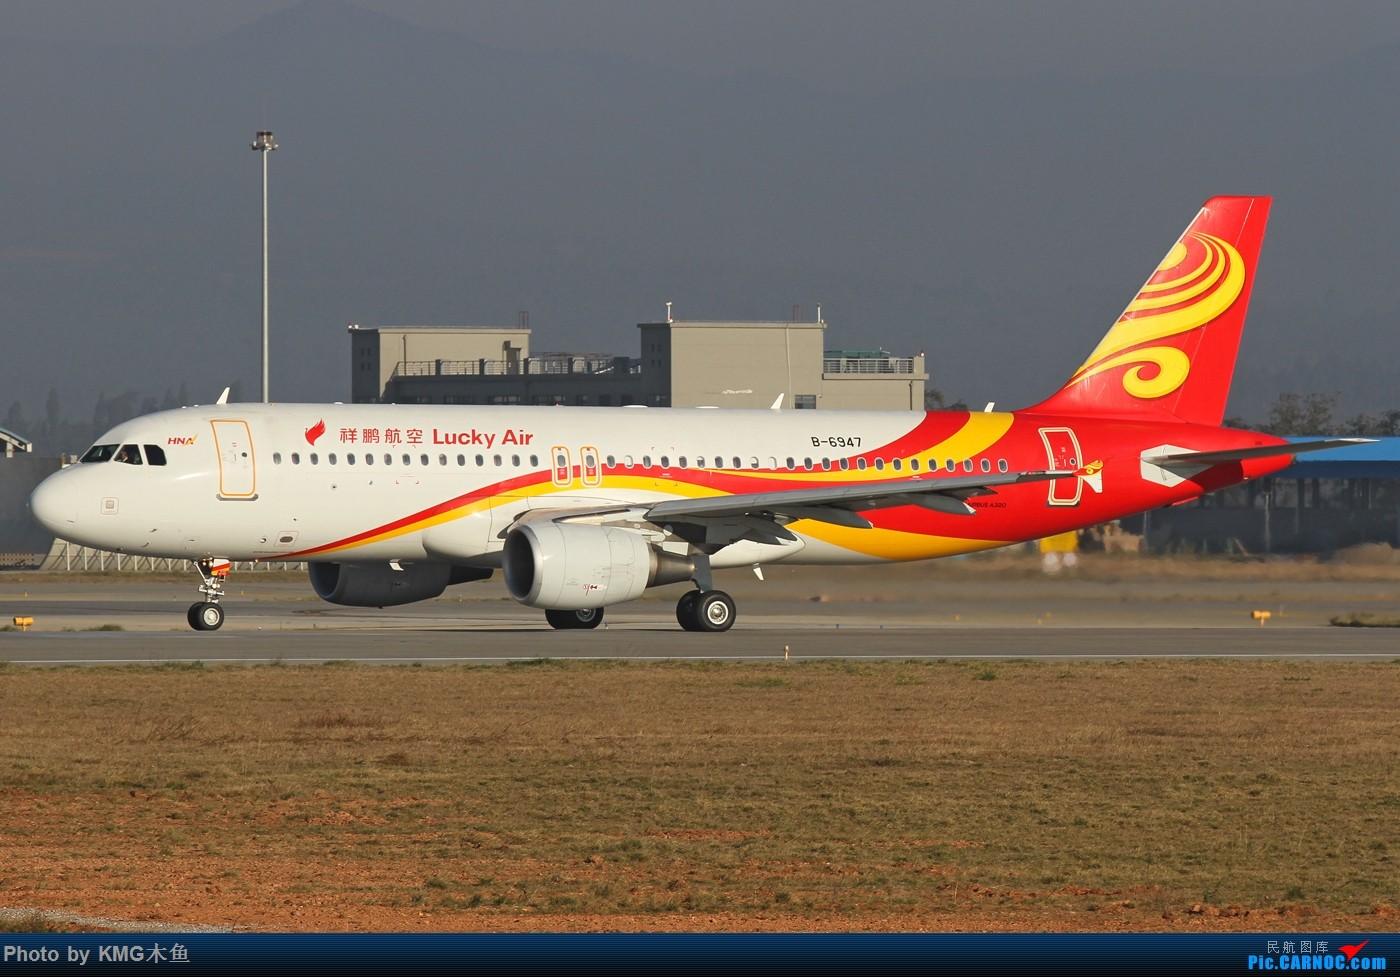 Re:[原创]【KMG昆明长水国际机场】好天气,拍到了好灰机,愉快的一天 AIRBUS A320-200 B-6947 中国昆明长水国际机场